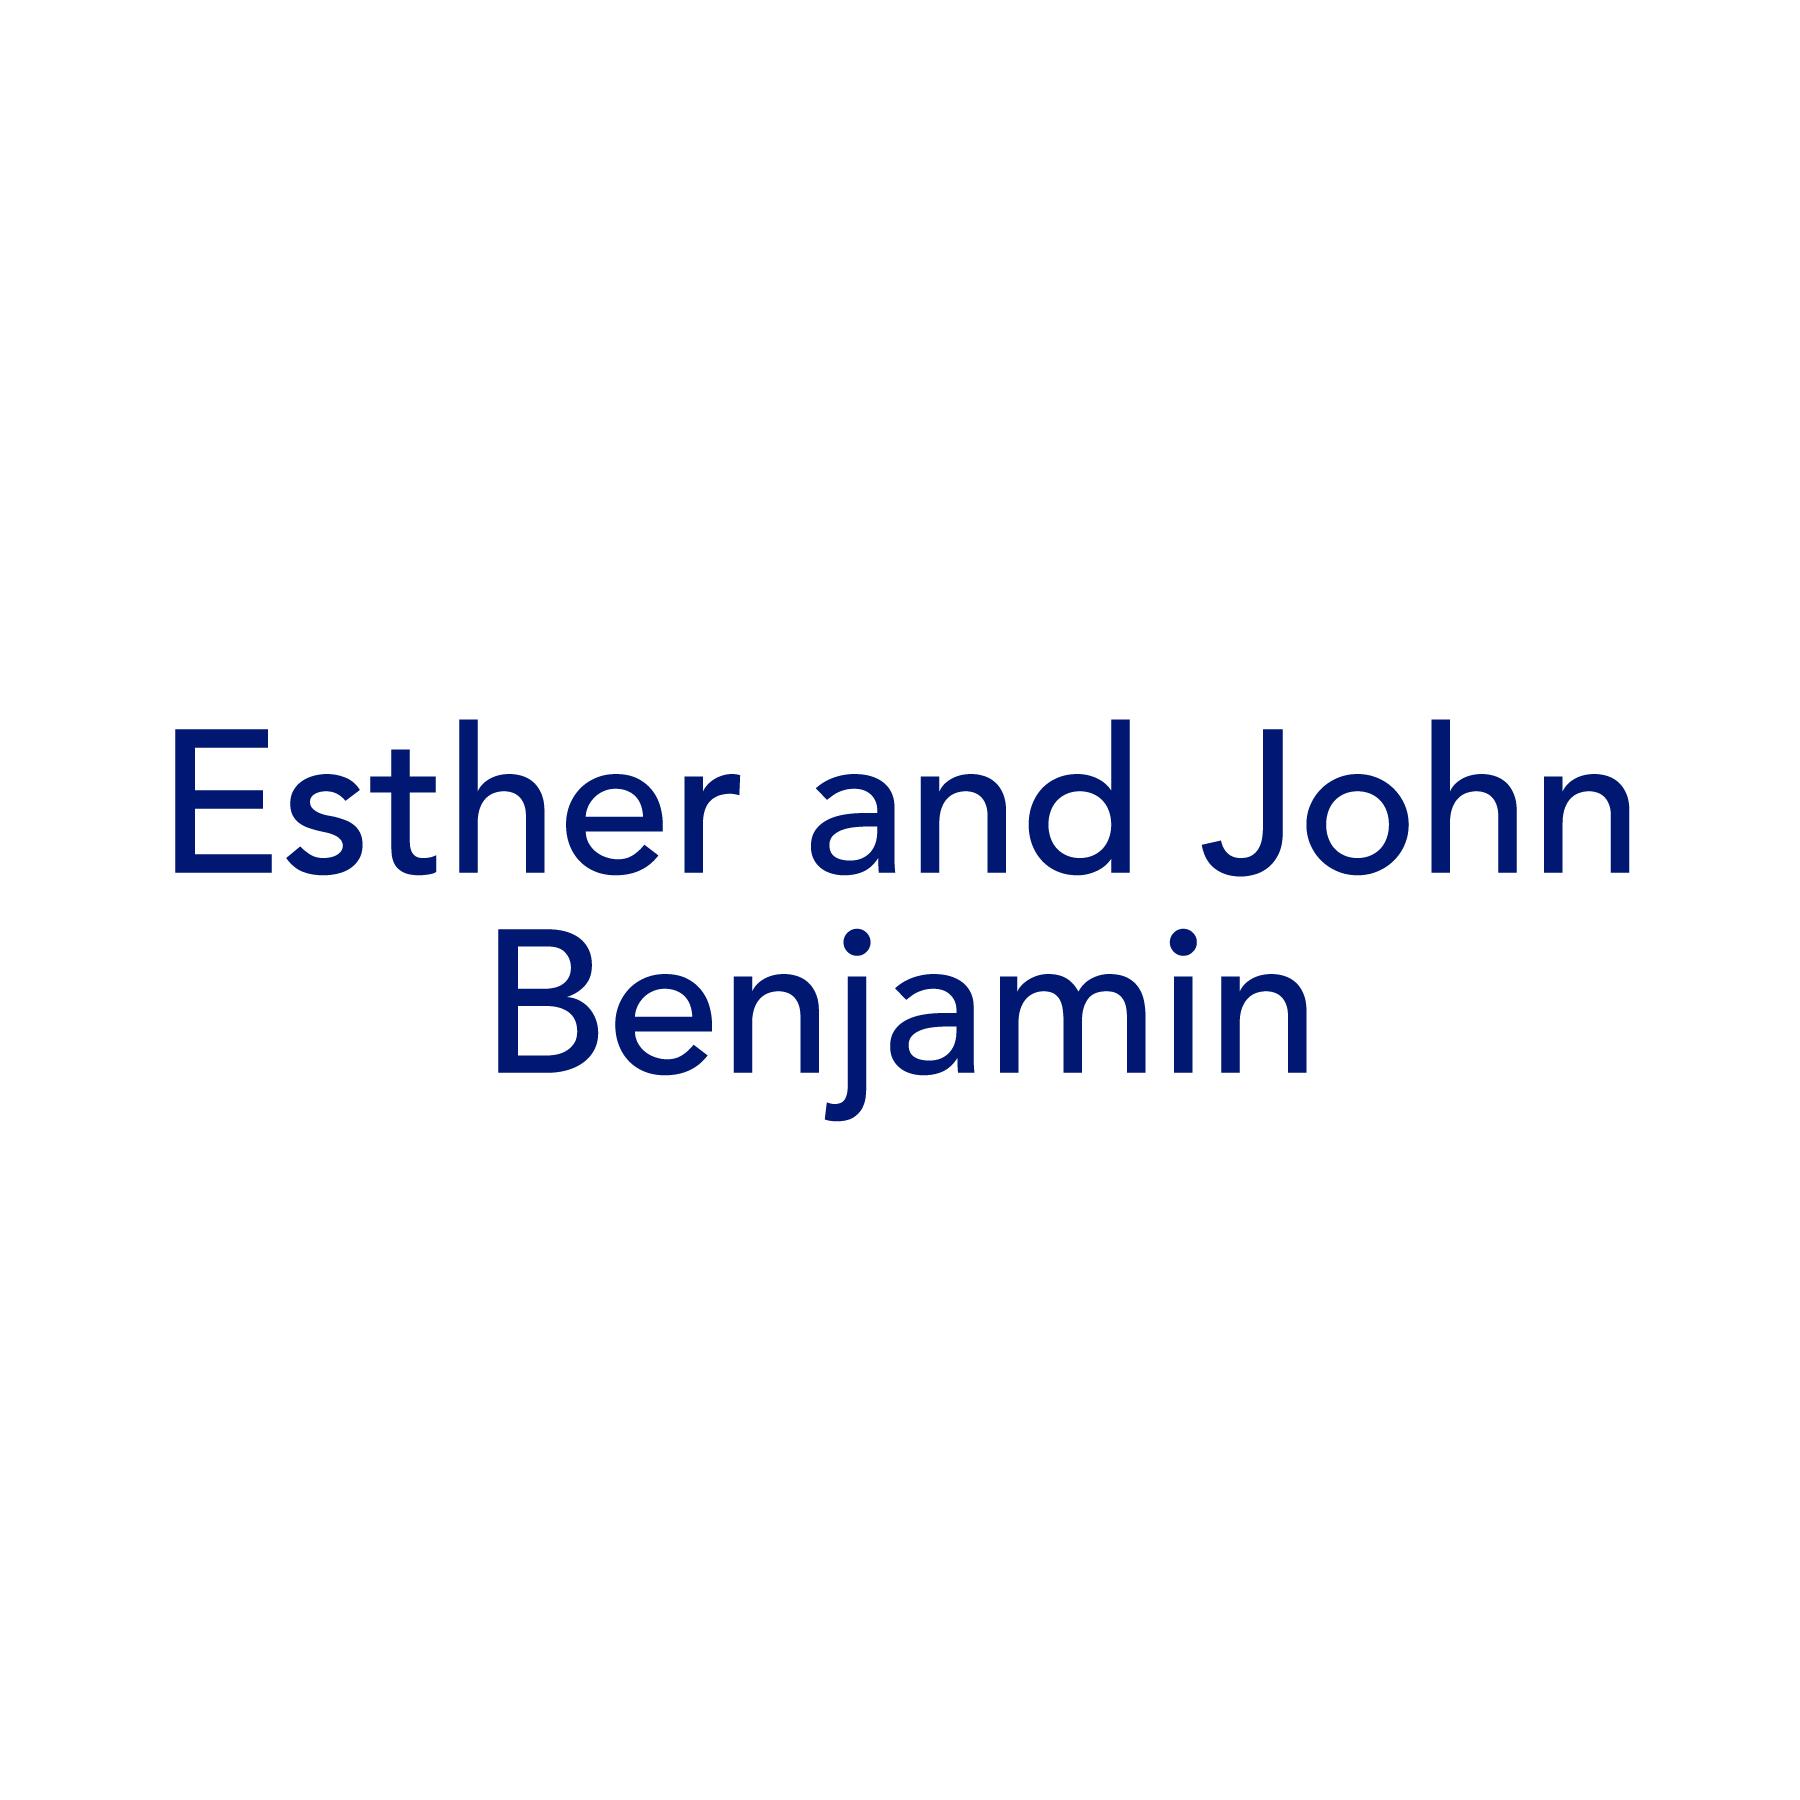 Esther and John Benjamin